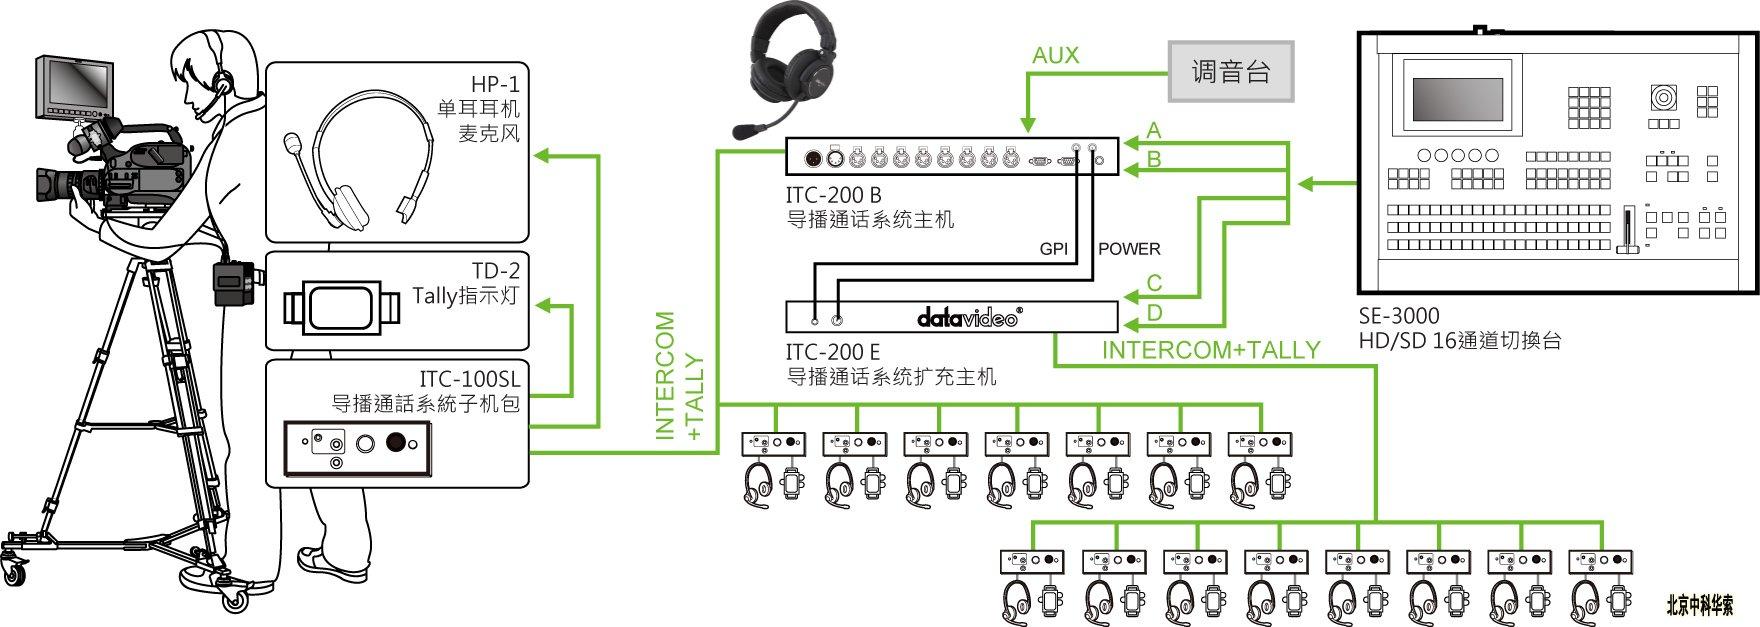 专业耳机麦克风标配